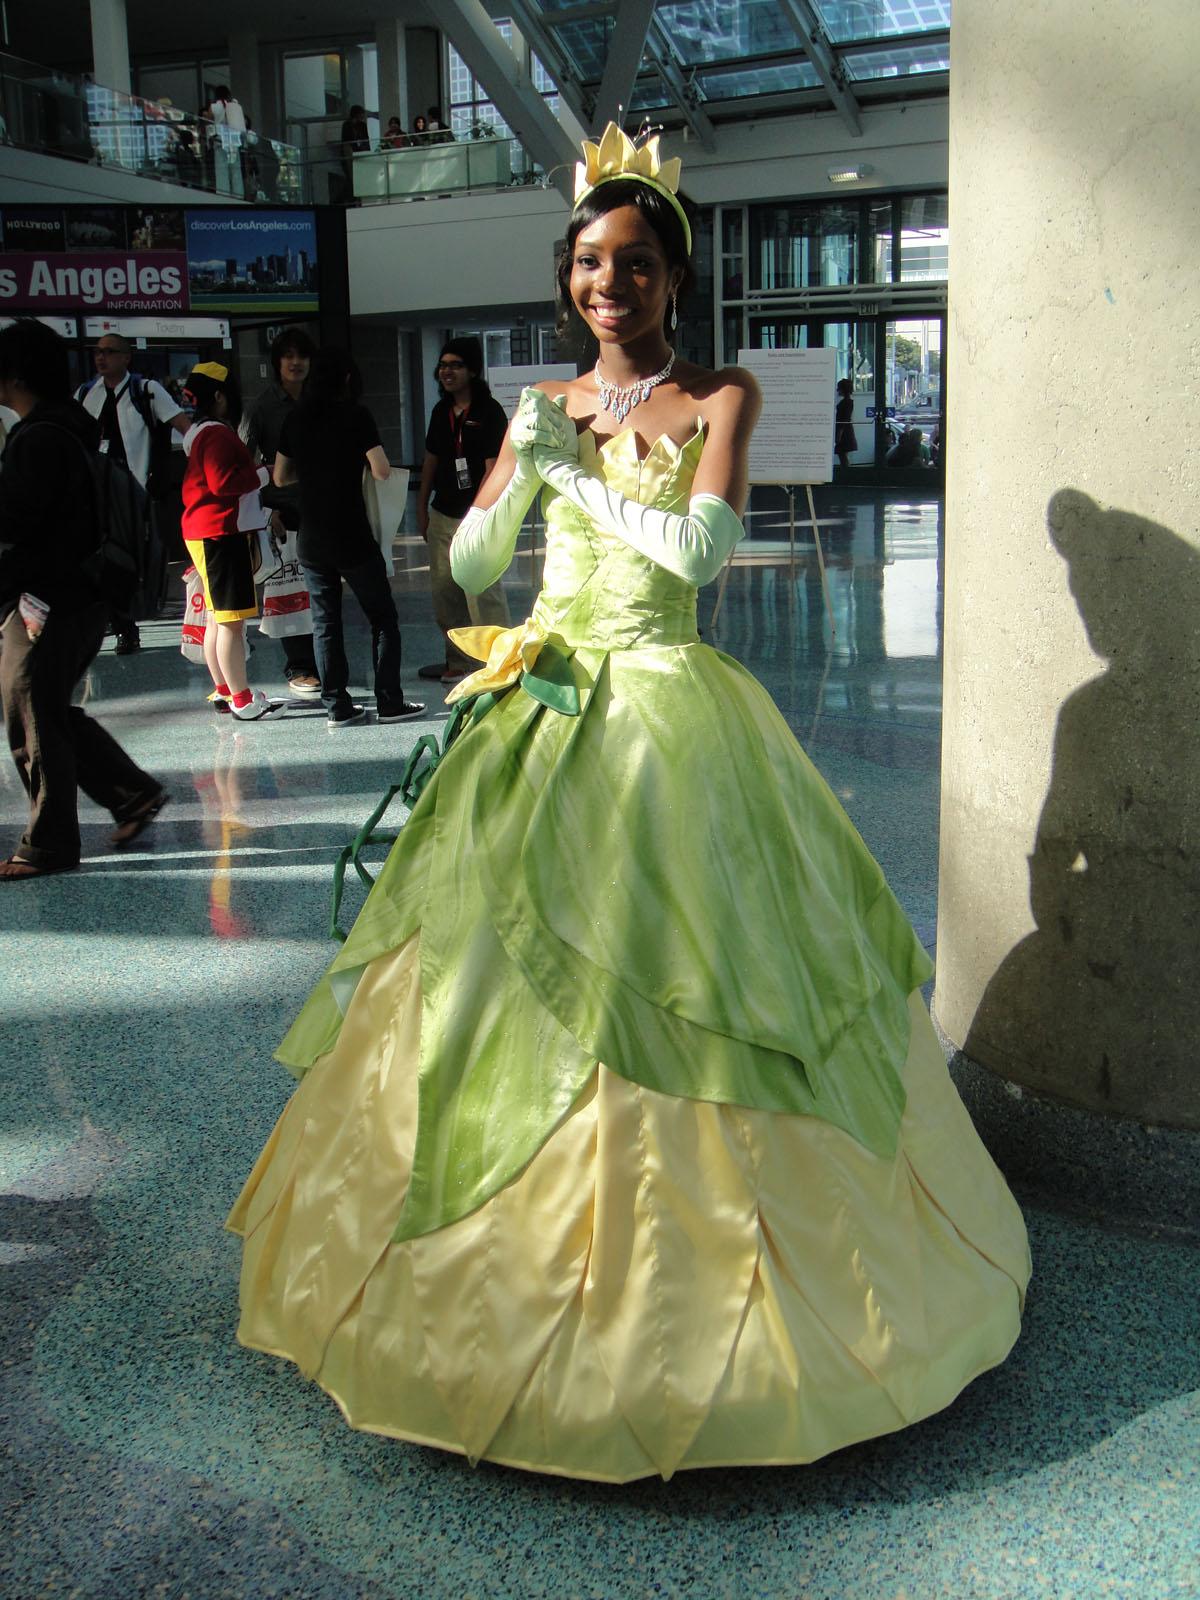 File Anime Expo 2010 La Disney S Princess And The Frog As The Princess And